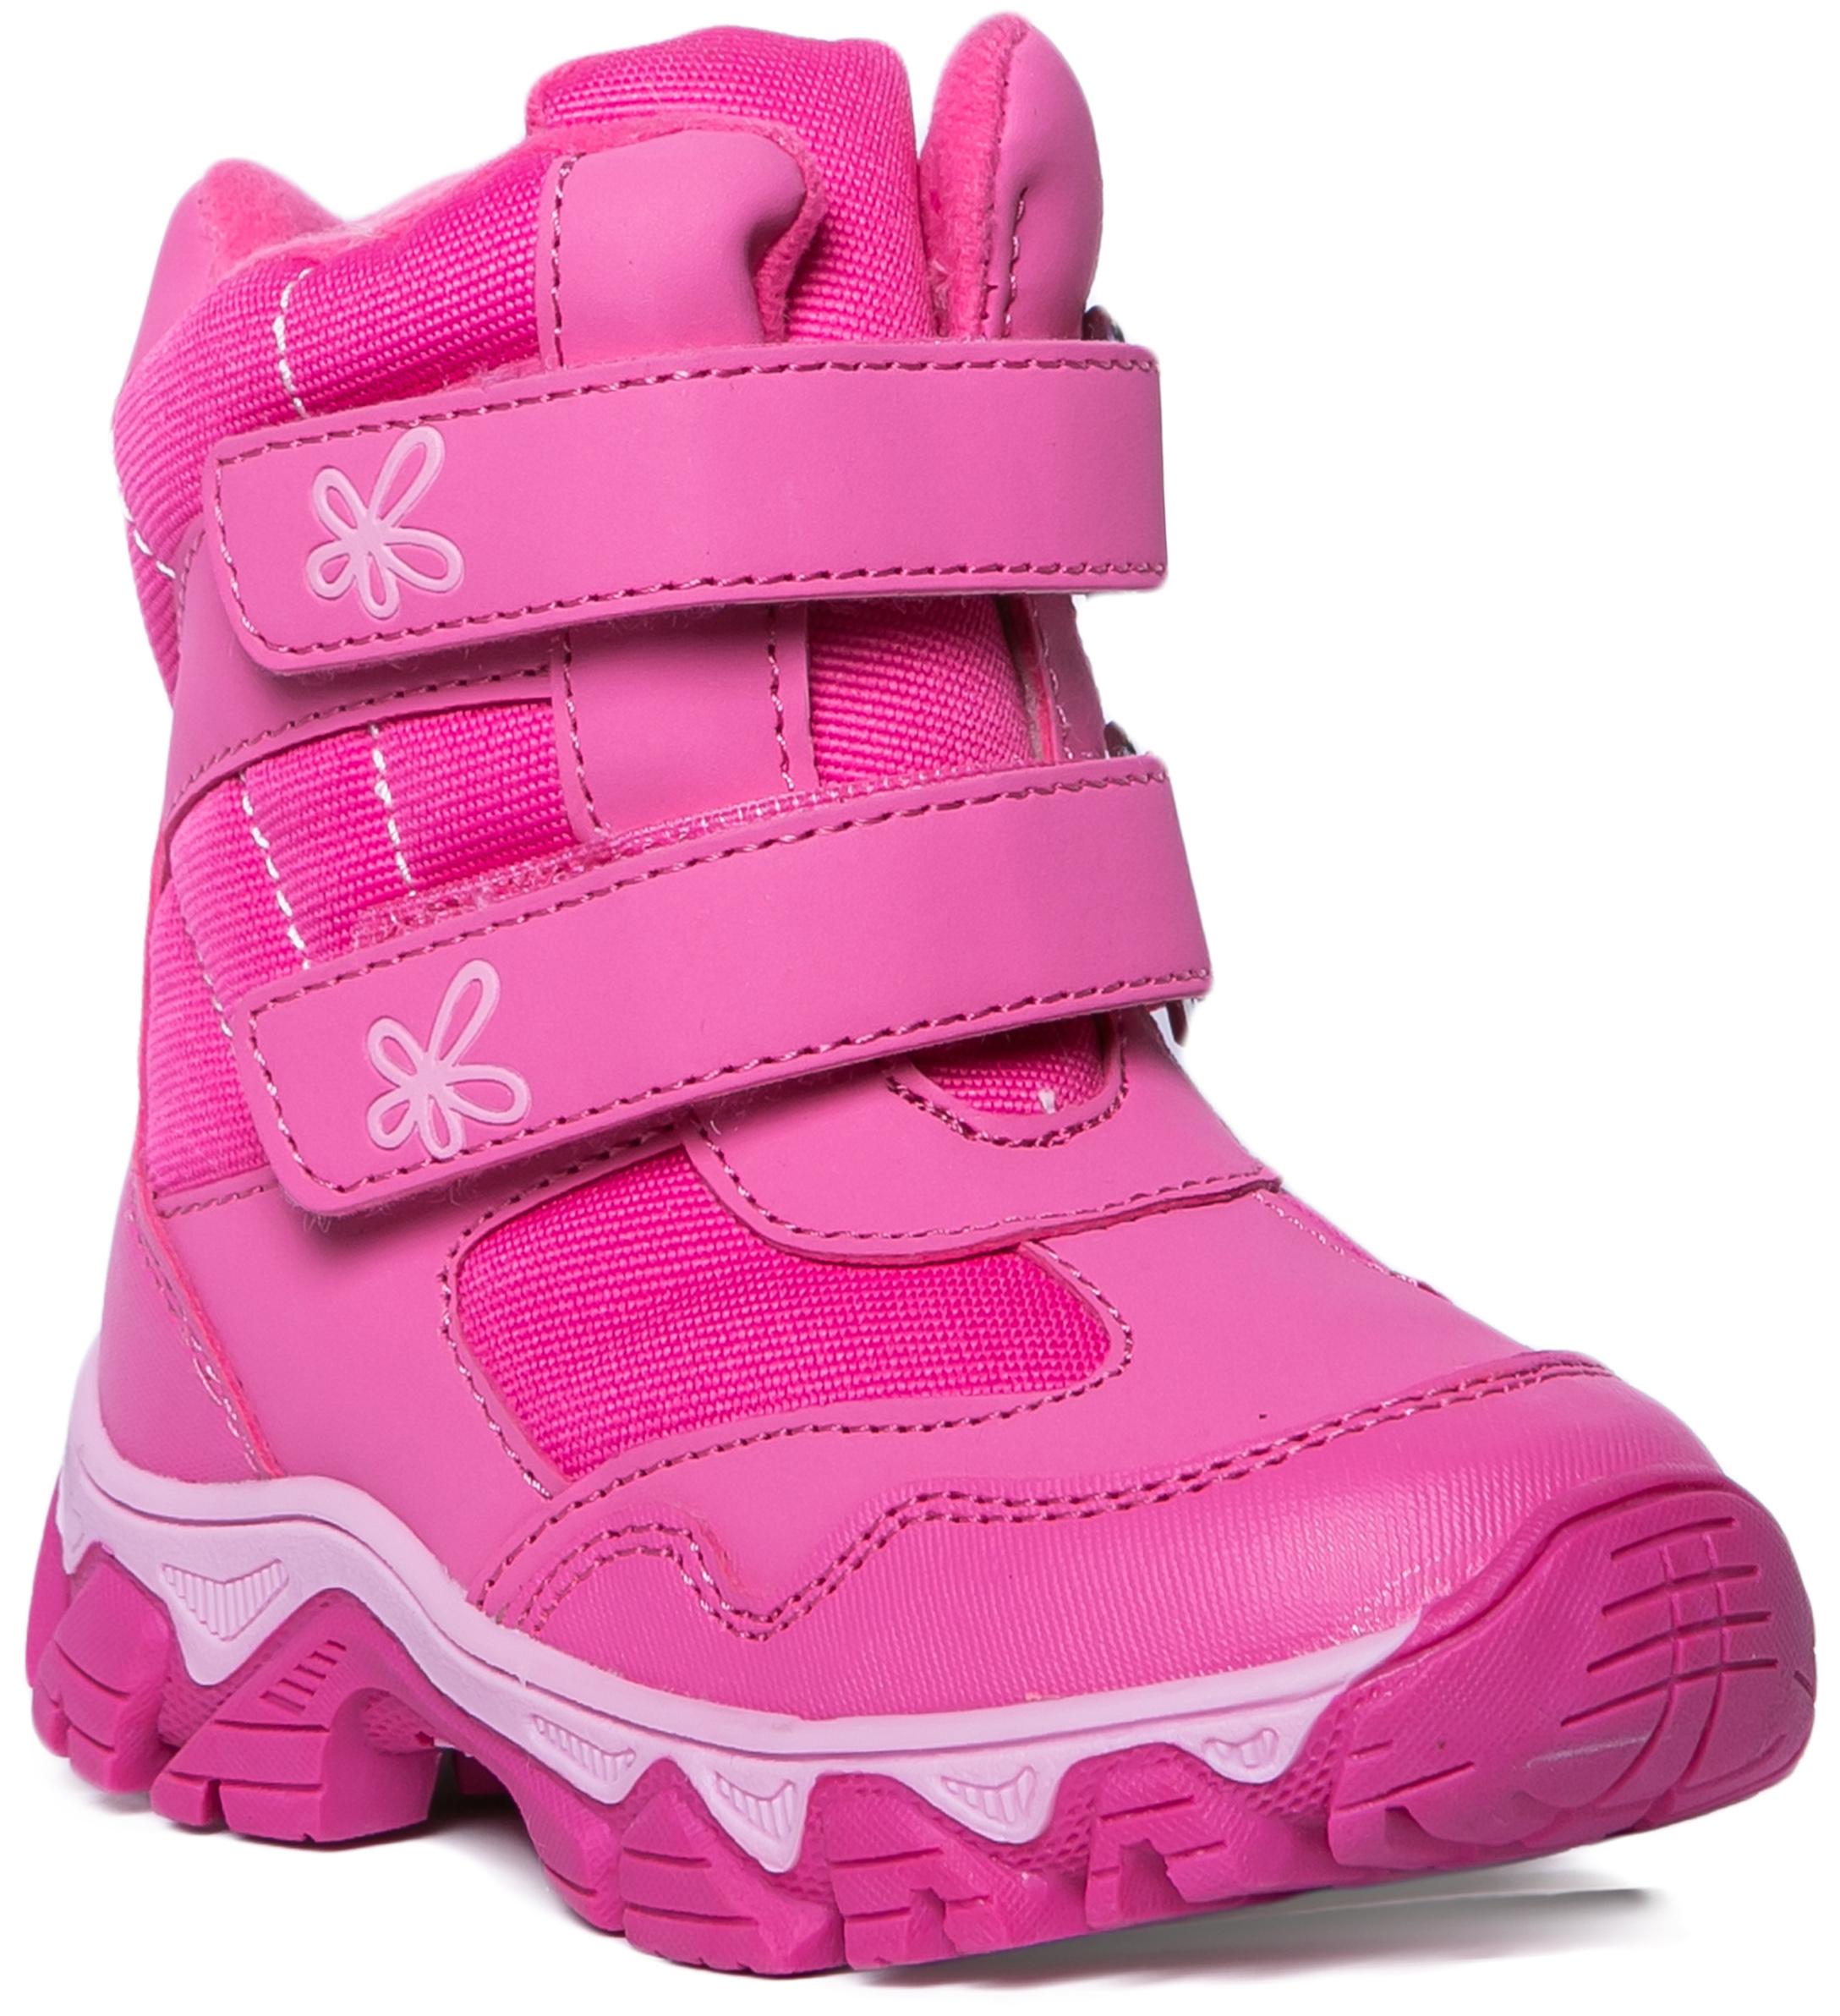 Ботинки и полуботинки Barkito Ботинки для девочки Barkito, розовый стоимость